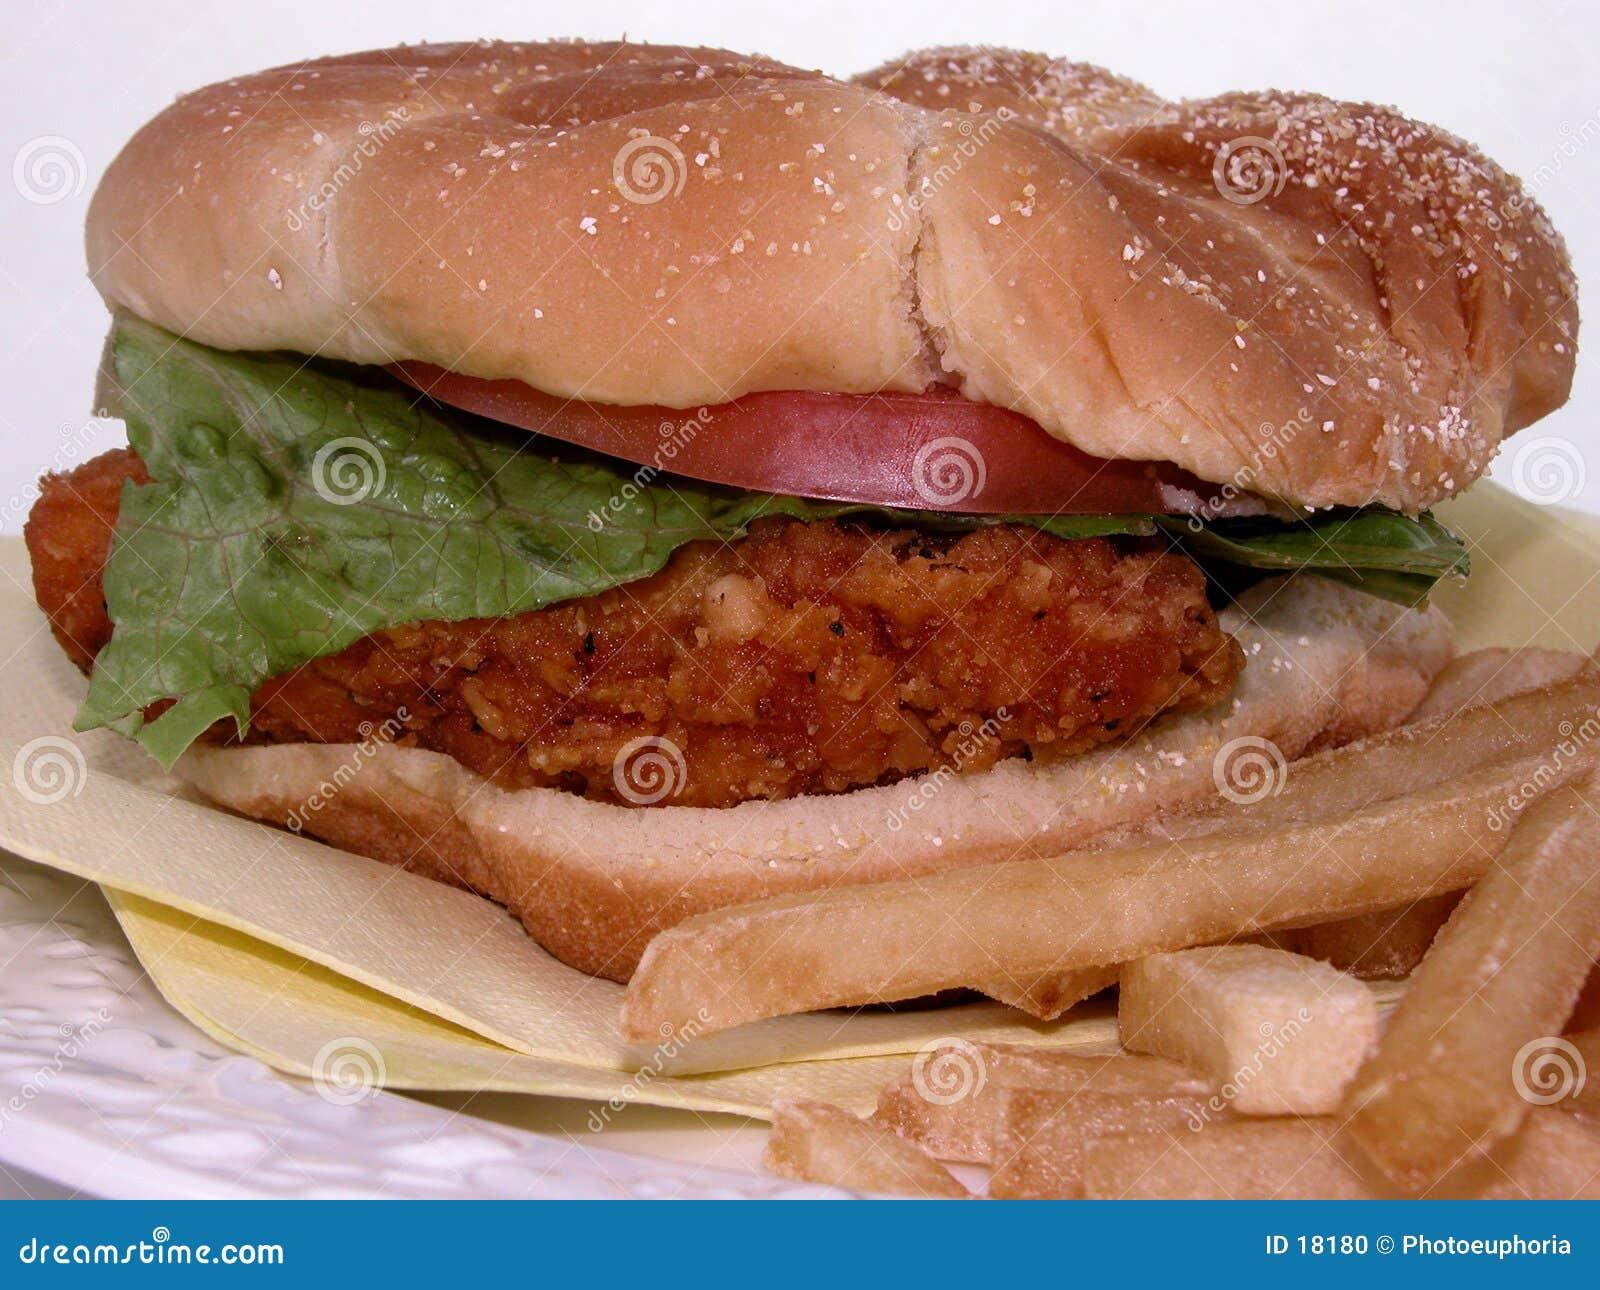 Voedsel: De de gebraden Sandwich & Gebraden gerechten van de Kip